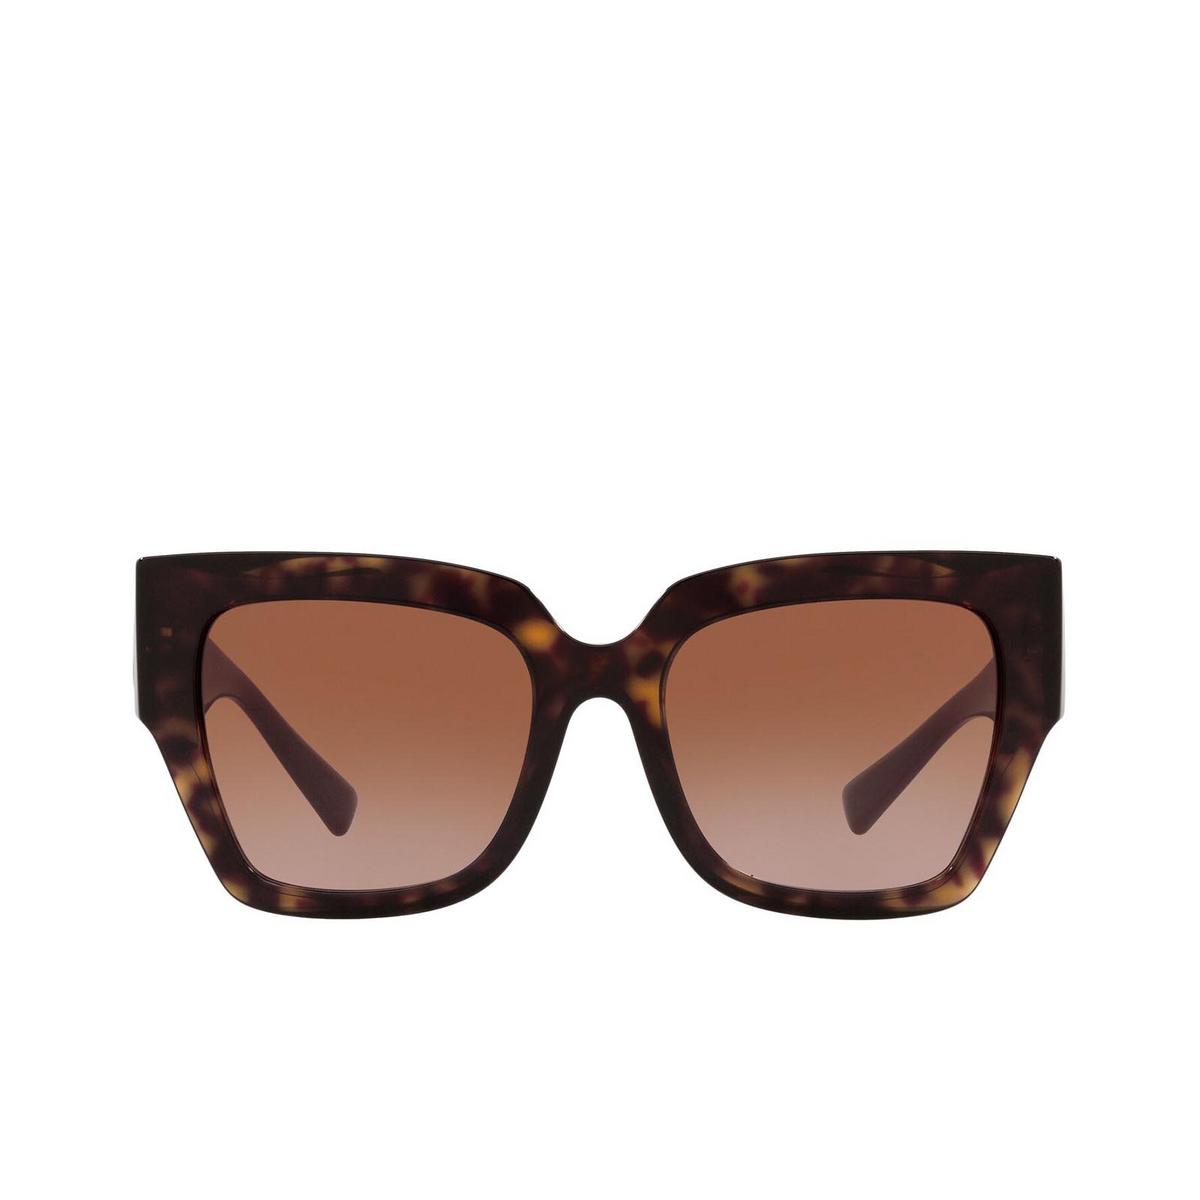 Valentino® Square Sunglasses: VA4082 color Havana 500213.